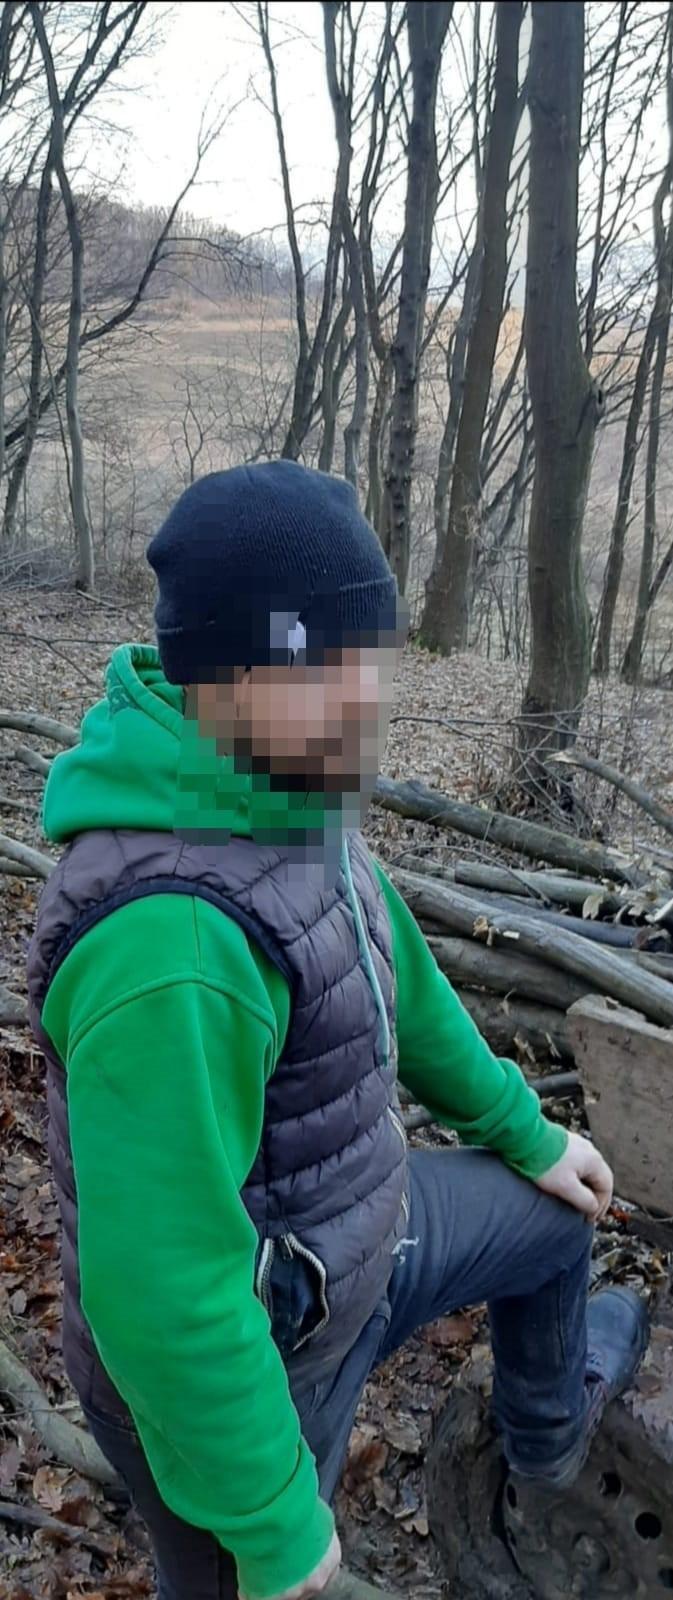 Un bărbat care nu a respectat măsura carantinării la domiciliu a fost depistat de jandarmi în timp ce tăia lemne în pădure